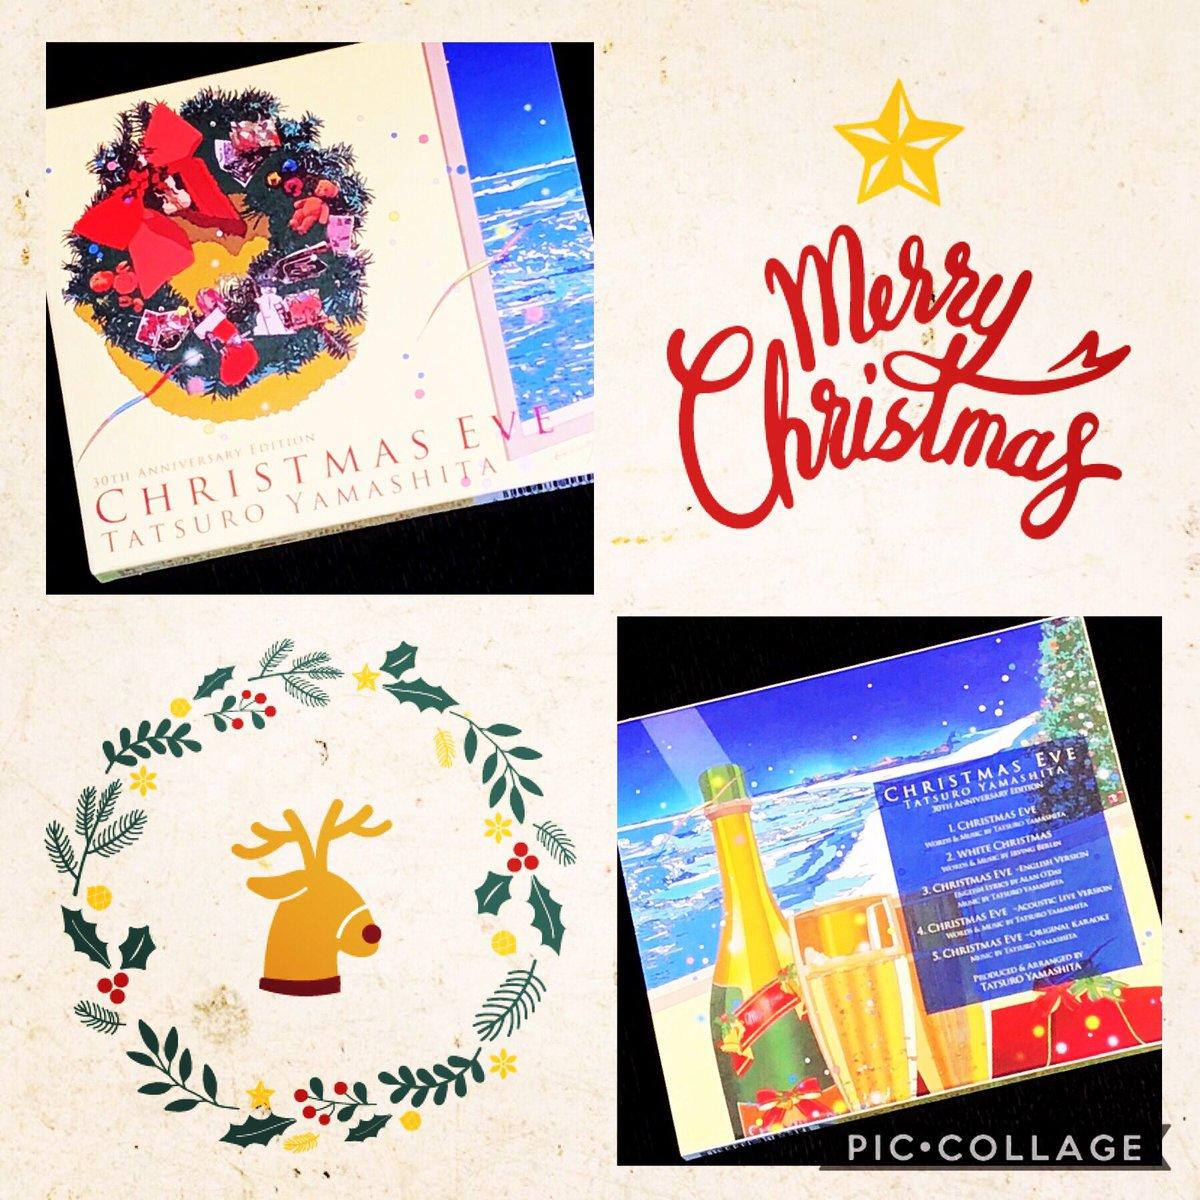 鈴木英人事務所 On Twitter 昨年山下達郎さんのクリスマスイヴ